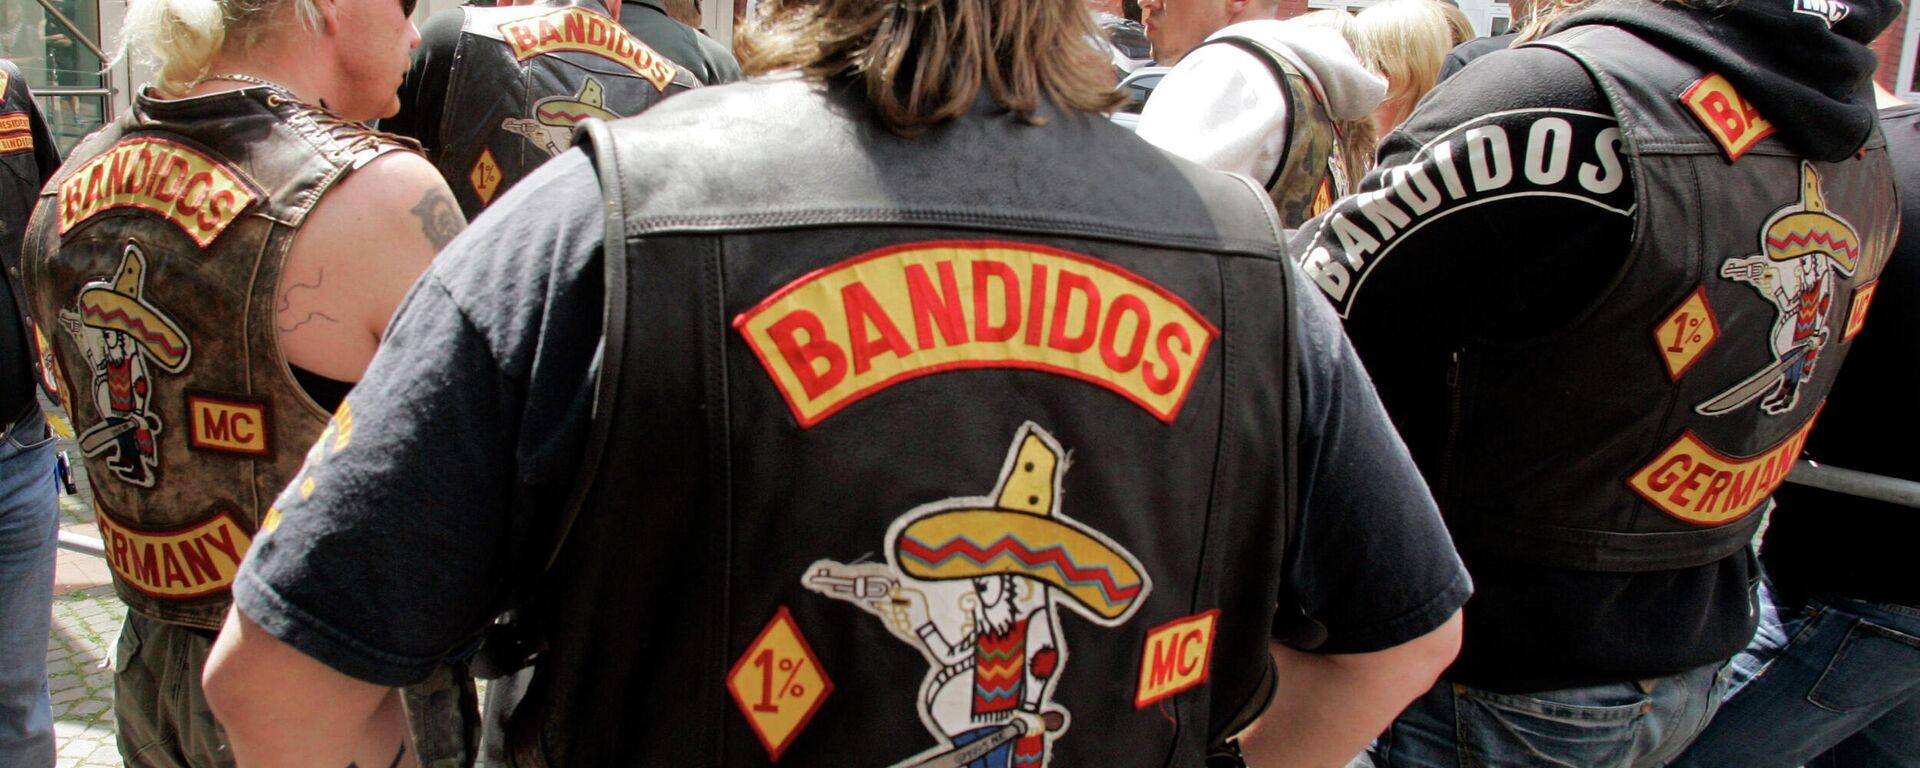 Mitglieder der Rockergruppe Bandidos (Archivfoto) - SNA, 1920, 12.07.2021